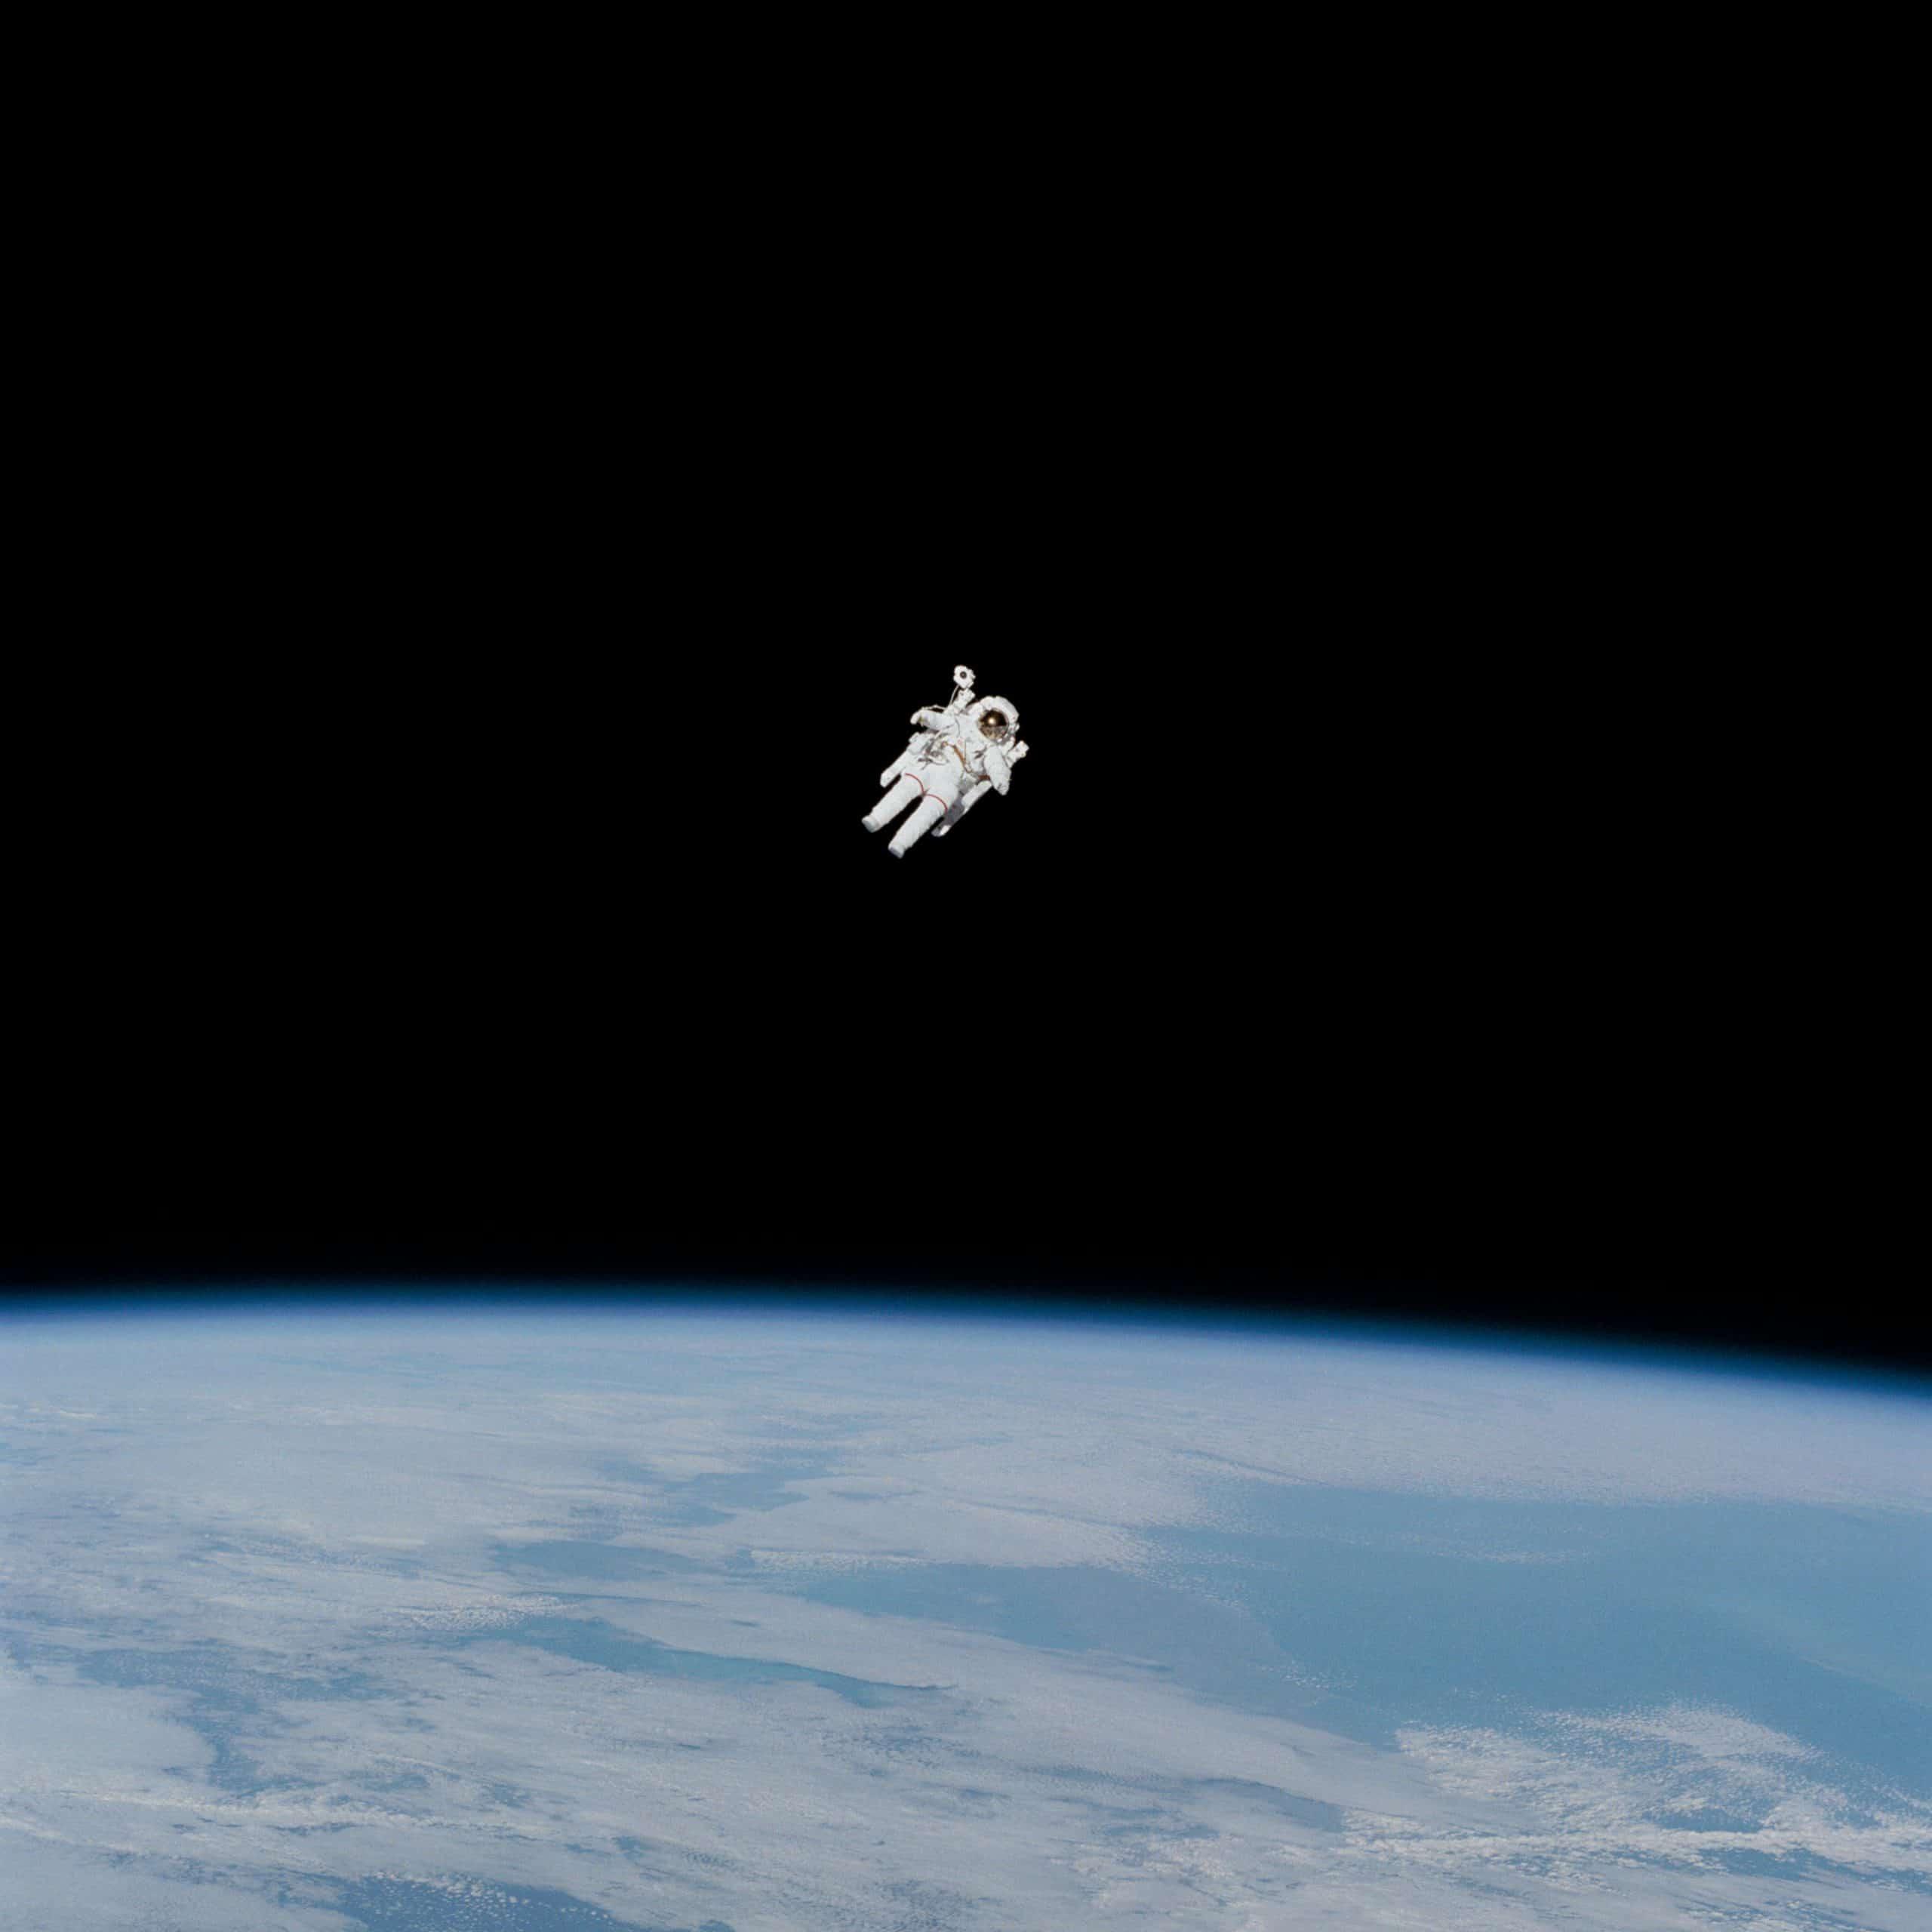 Astronauta no espaço.